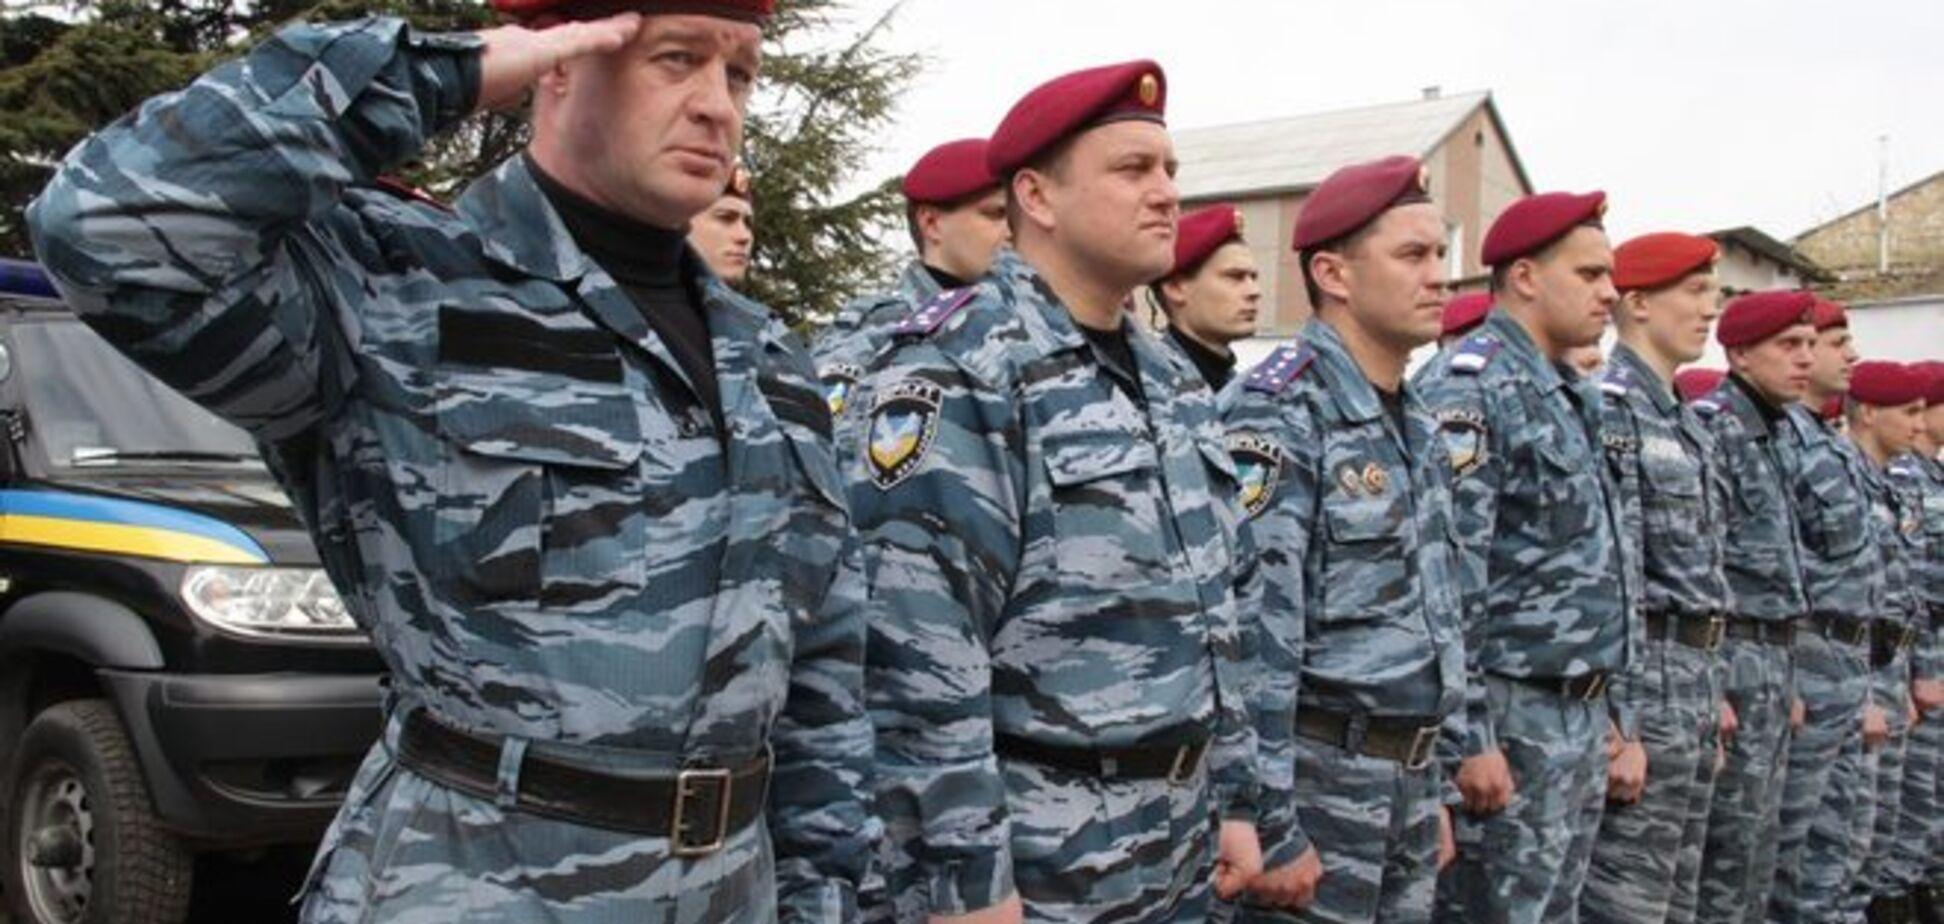 Киевским беркутовцам 'трудно умирать за родину, которая тебя прокляла' на блокпостах под Славянском